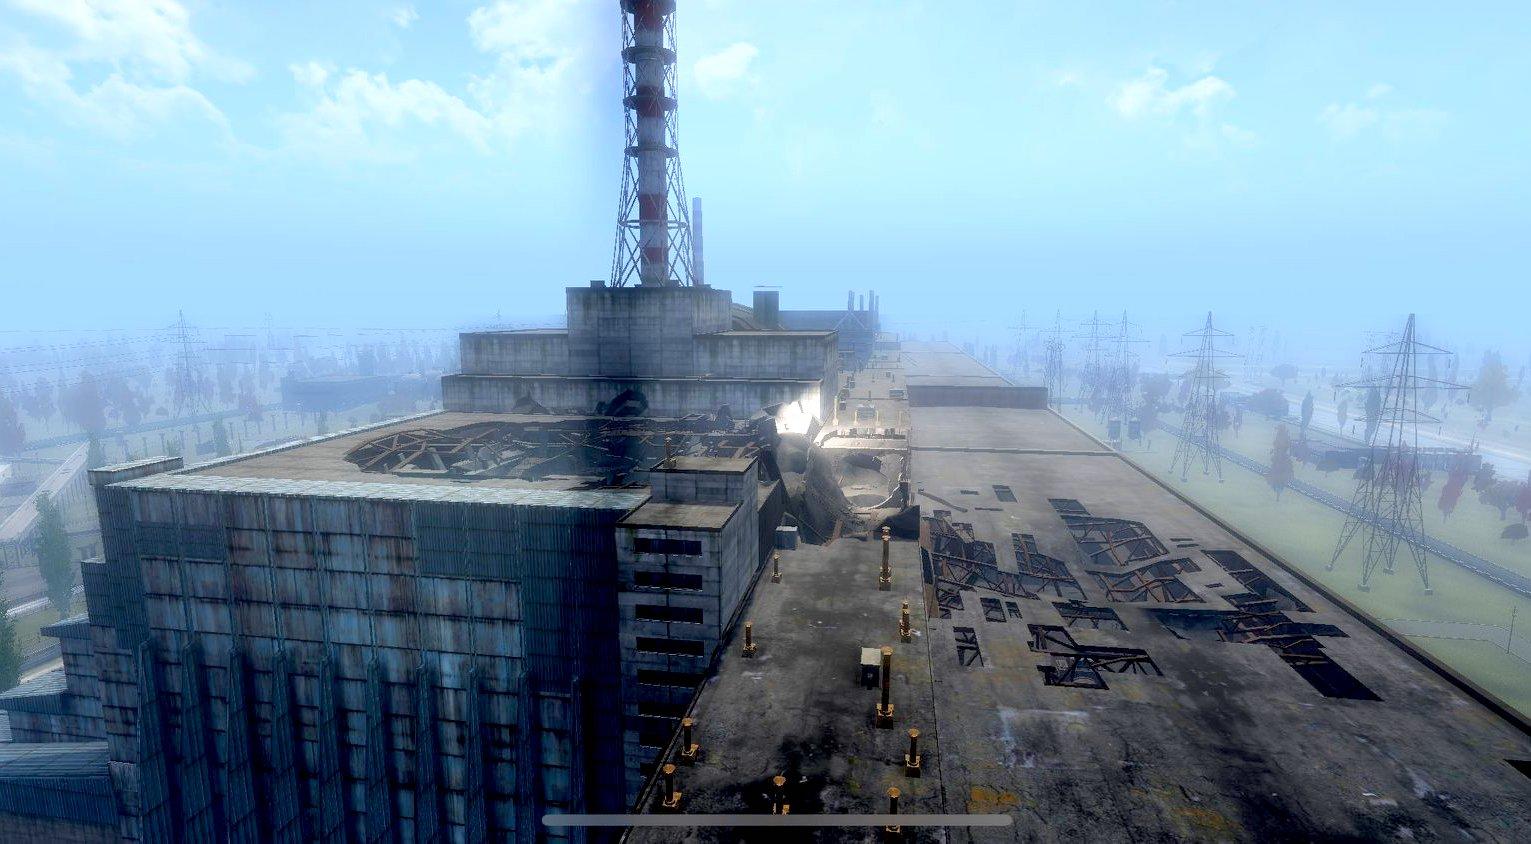 Près de 30 nouveaux jeux sortis récemment sur iPhone et iPad dont Escape from Chernobyl, the Sequence 2, Anamorph, etc. 1